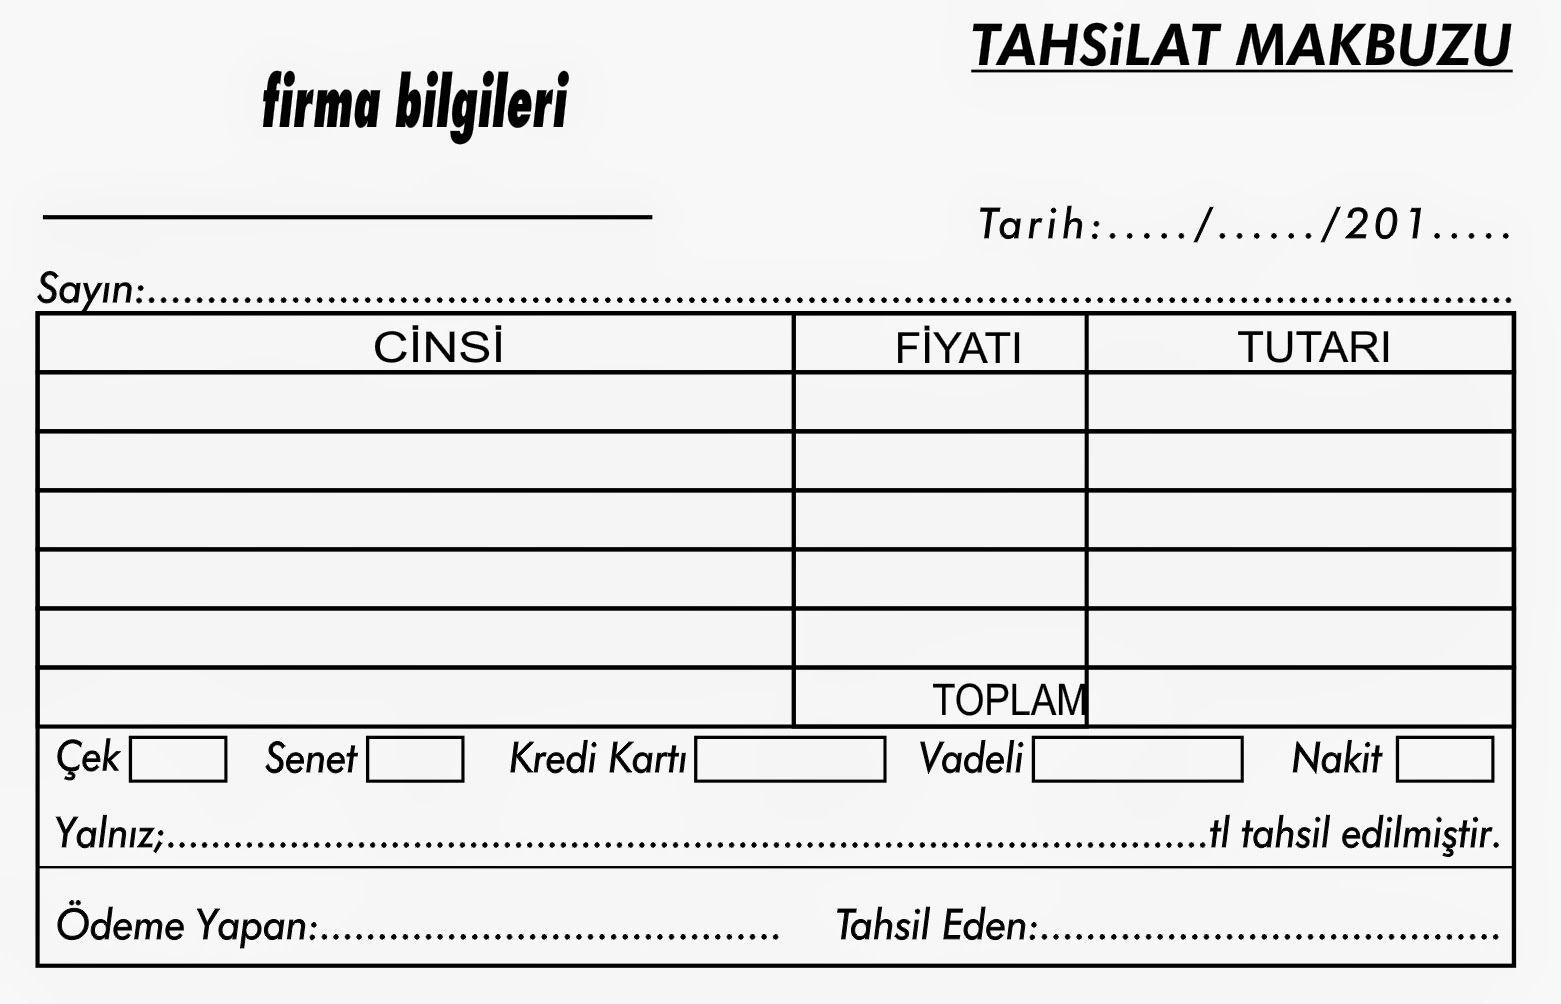 tahsilat-makbuzu-ornegi-2021-002.jpg